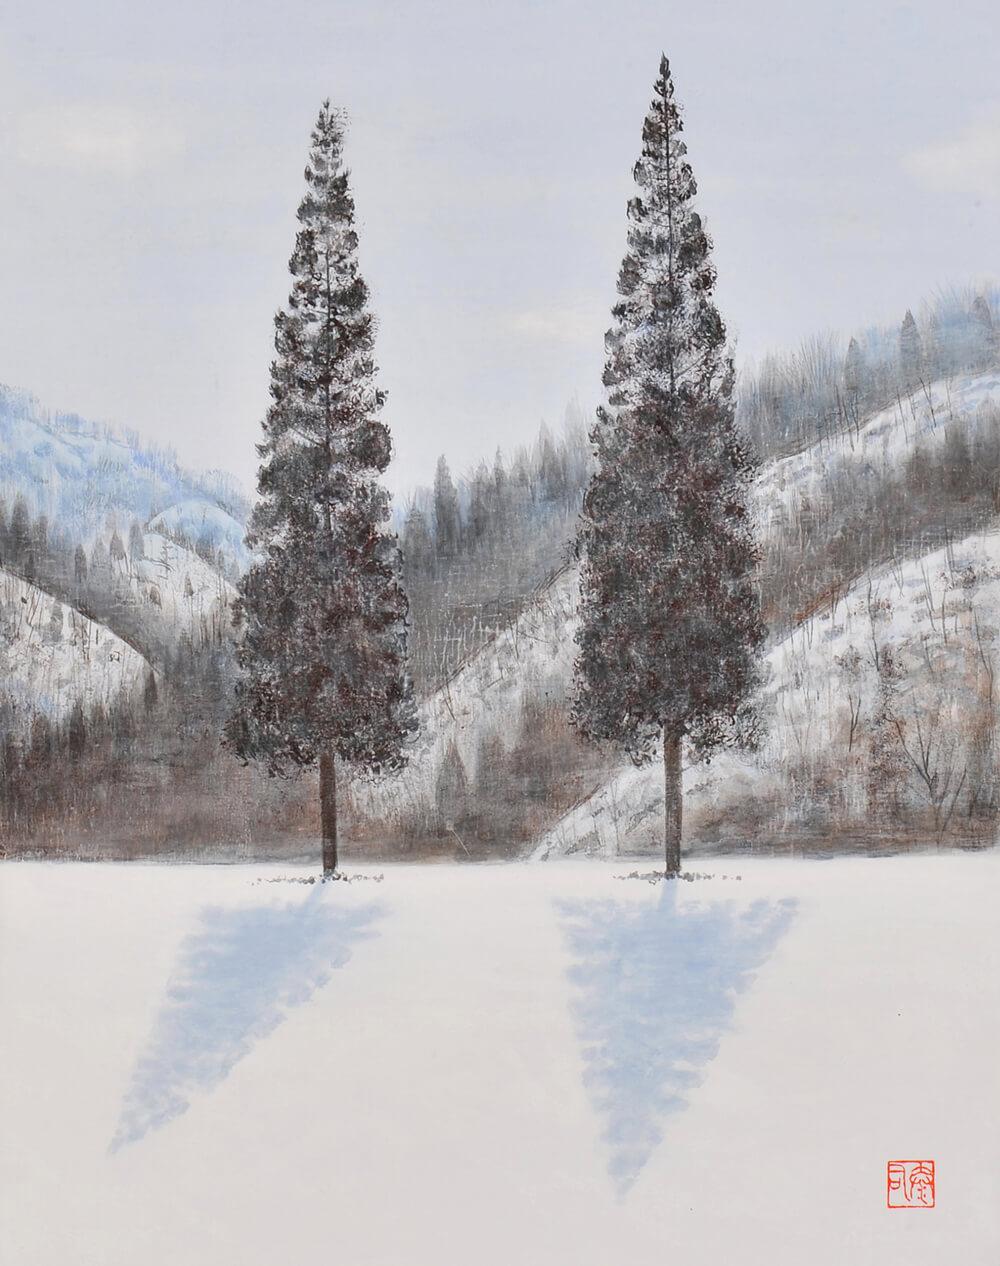 2017年1月14日から開催の「橘 泰司 日本画展」の橘 泰司の作品15